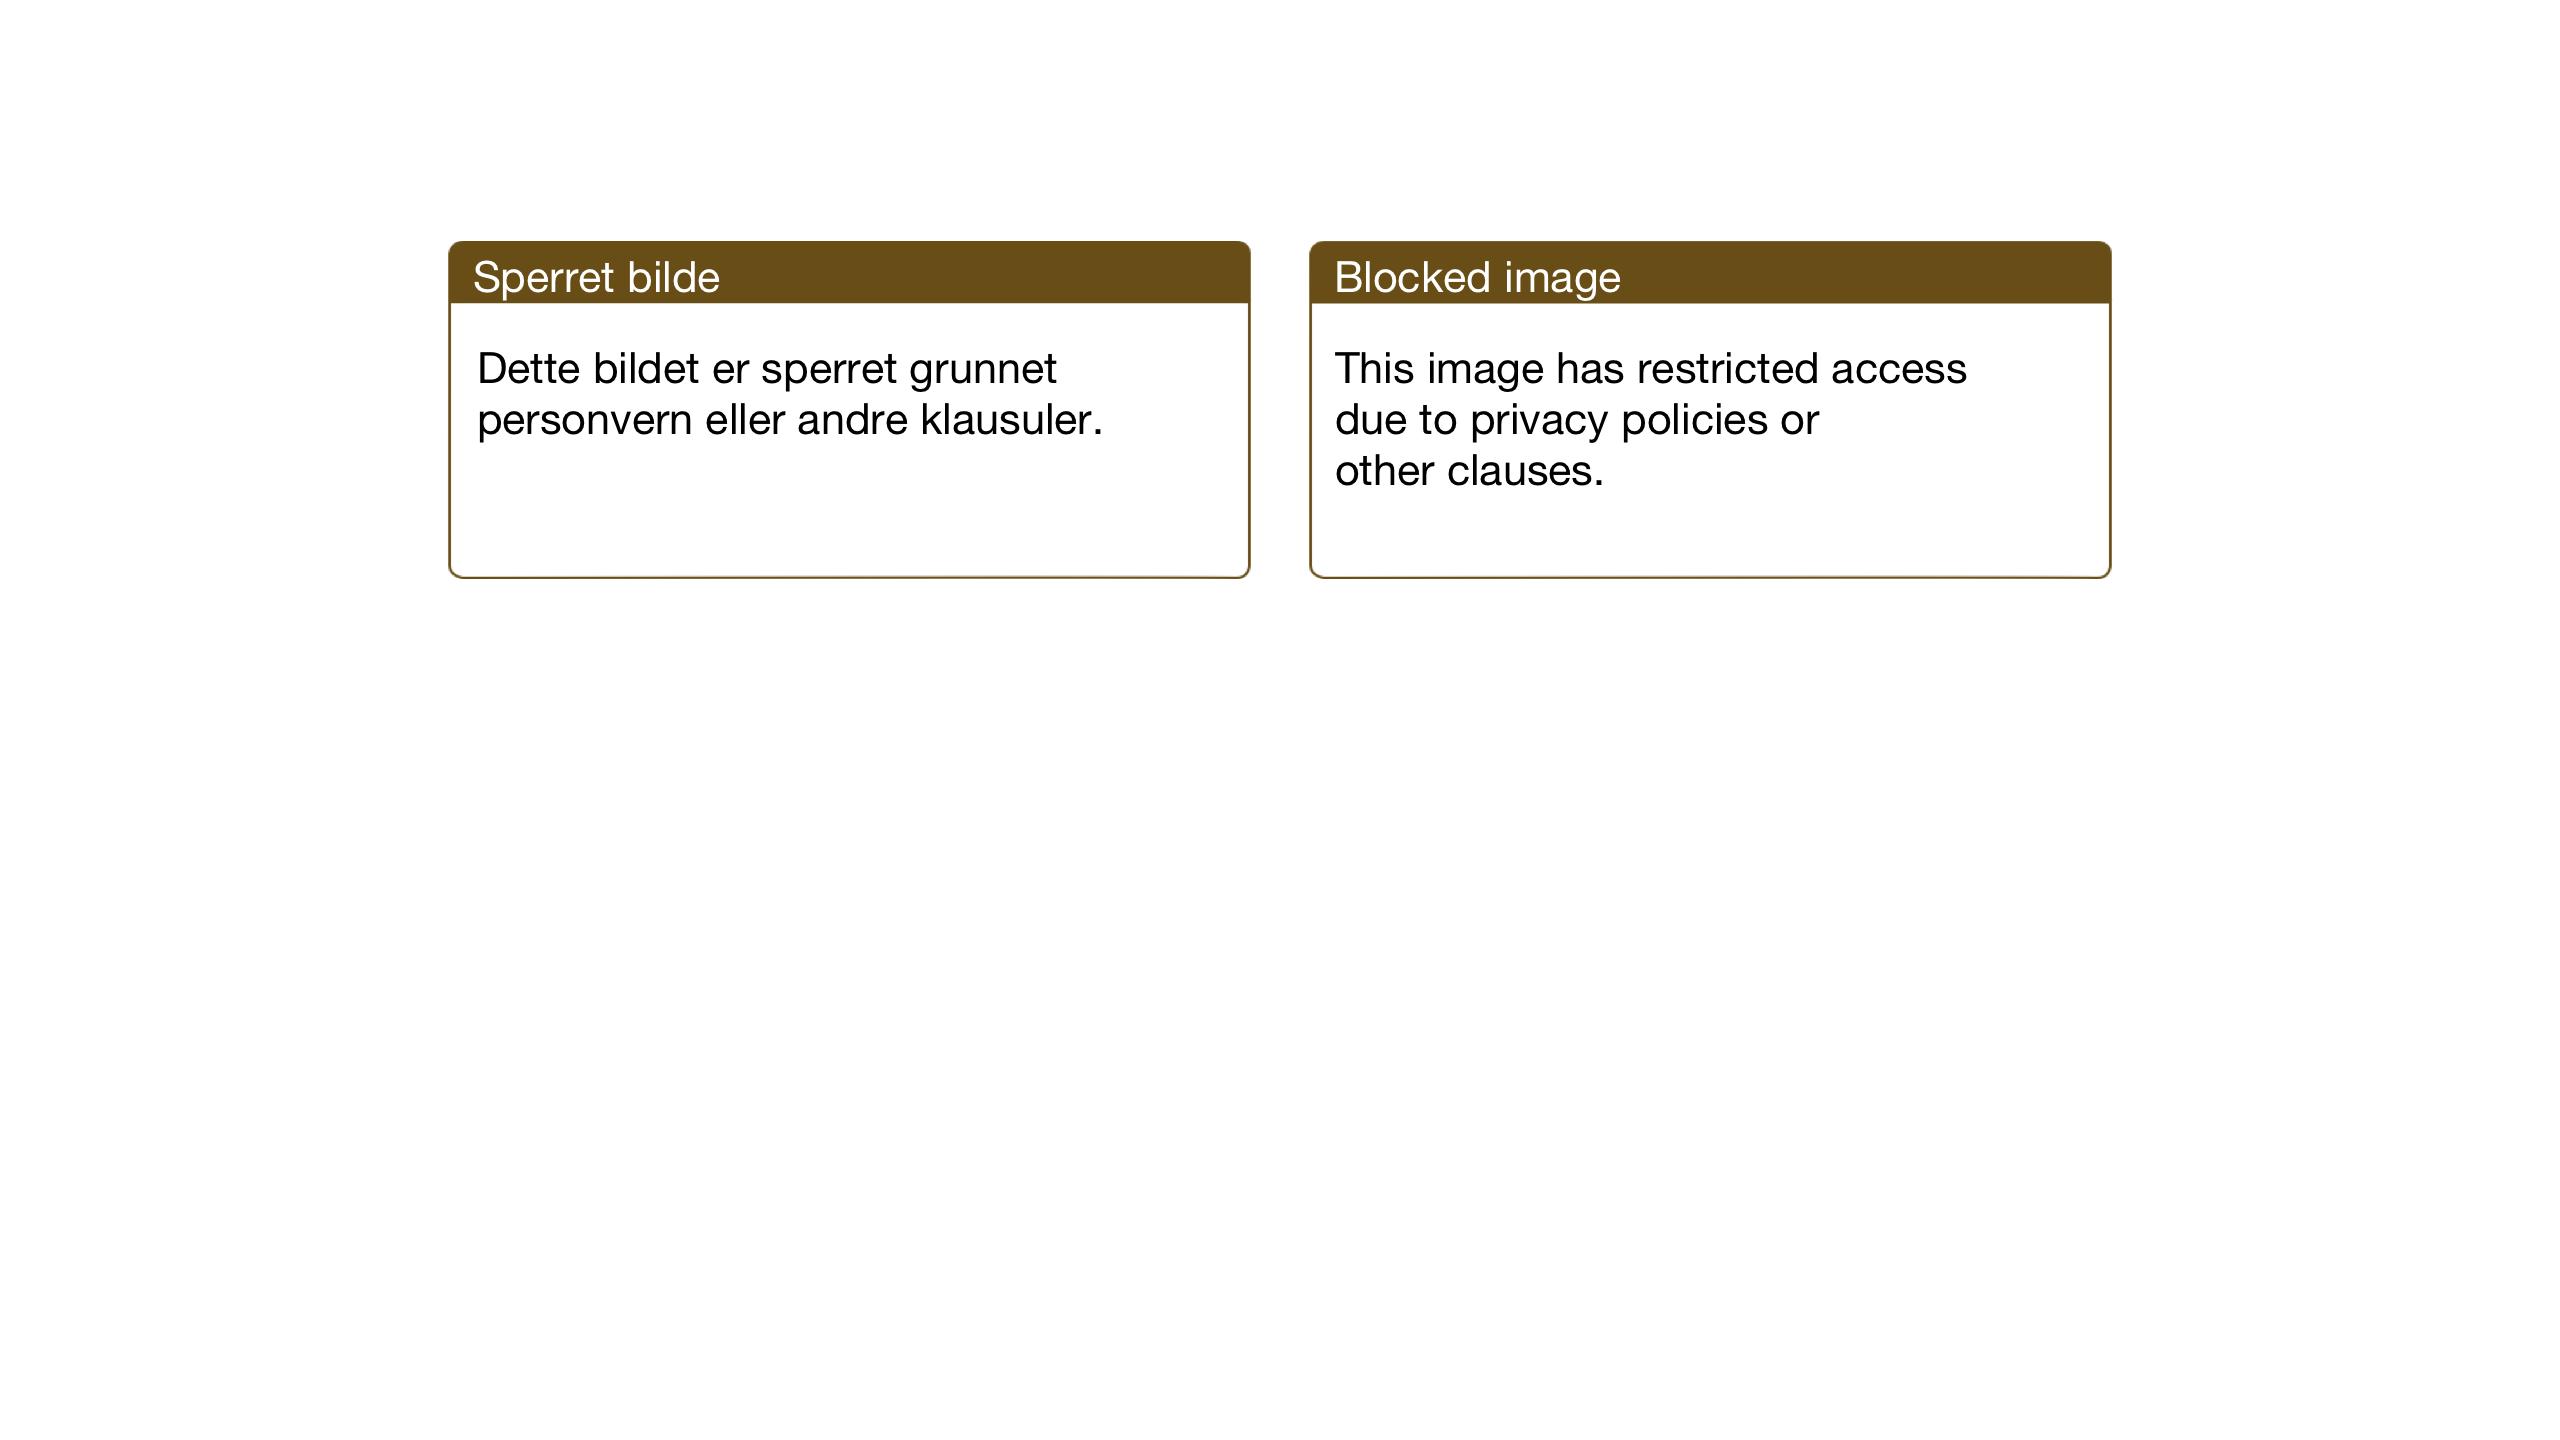 SAT, Ministerialprotokoller, klokkerbøker og fødselsregistre - Sør-Trøndelag, 605/L0248: Ministerialbok nr. 605A10, 1920-1937, s. 295